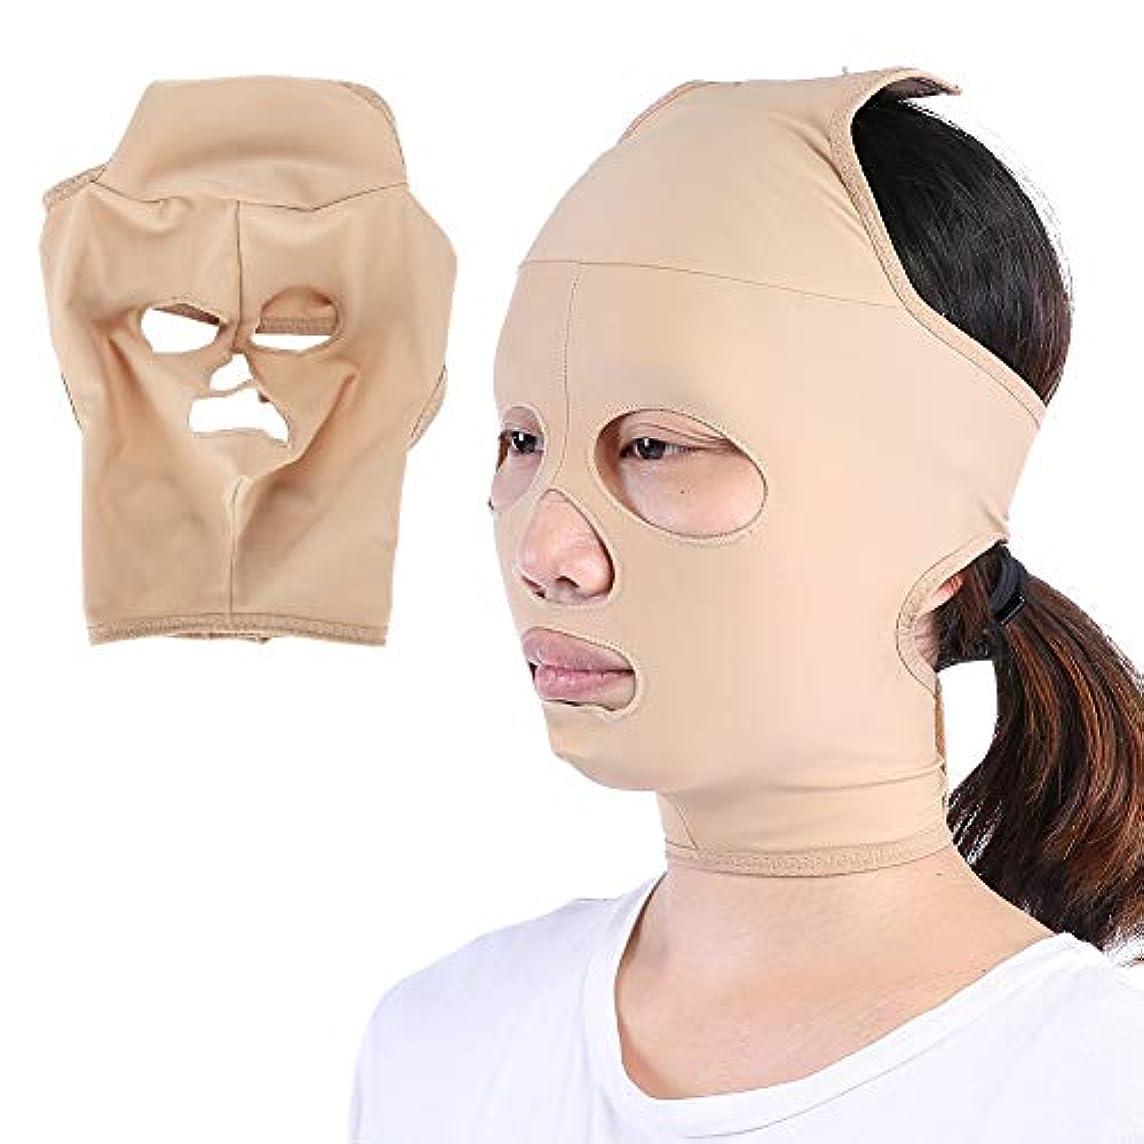 忠実アルネキルト顔の减量のベルト、完全なカバレッジ 顔のVラインを向上させる 二重顎を減らす二重顎、スキンケア包帯(S)